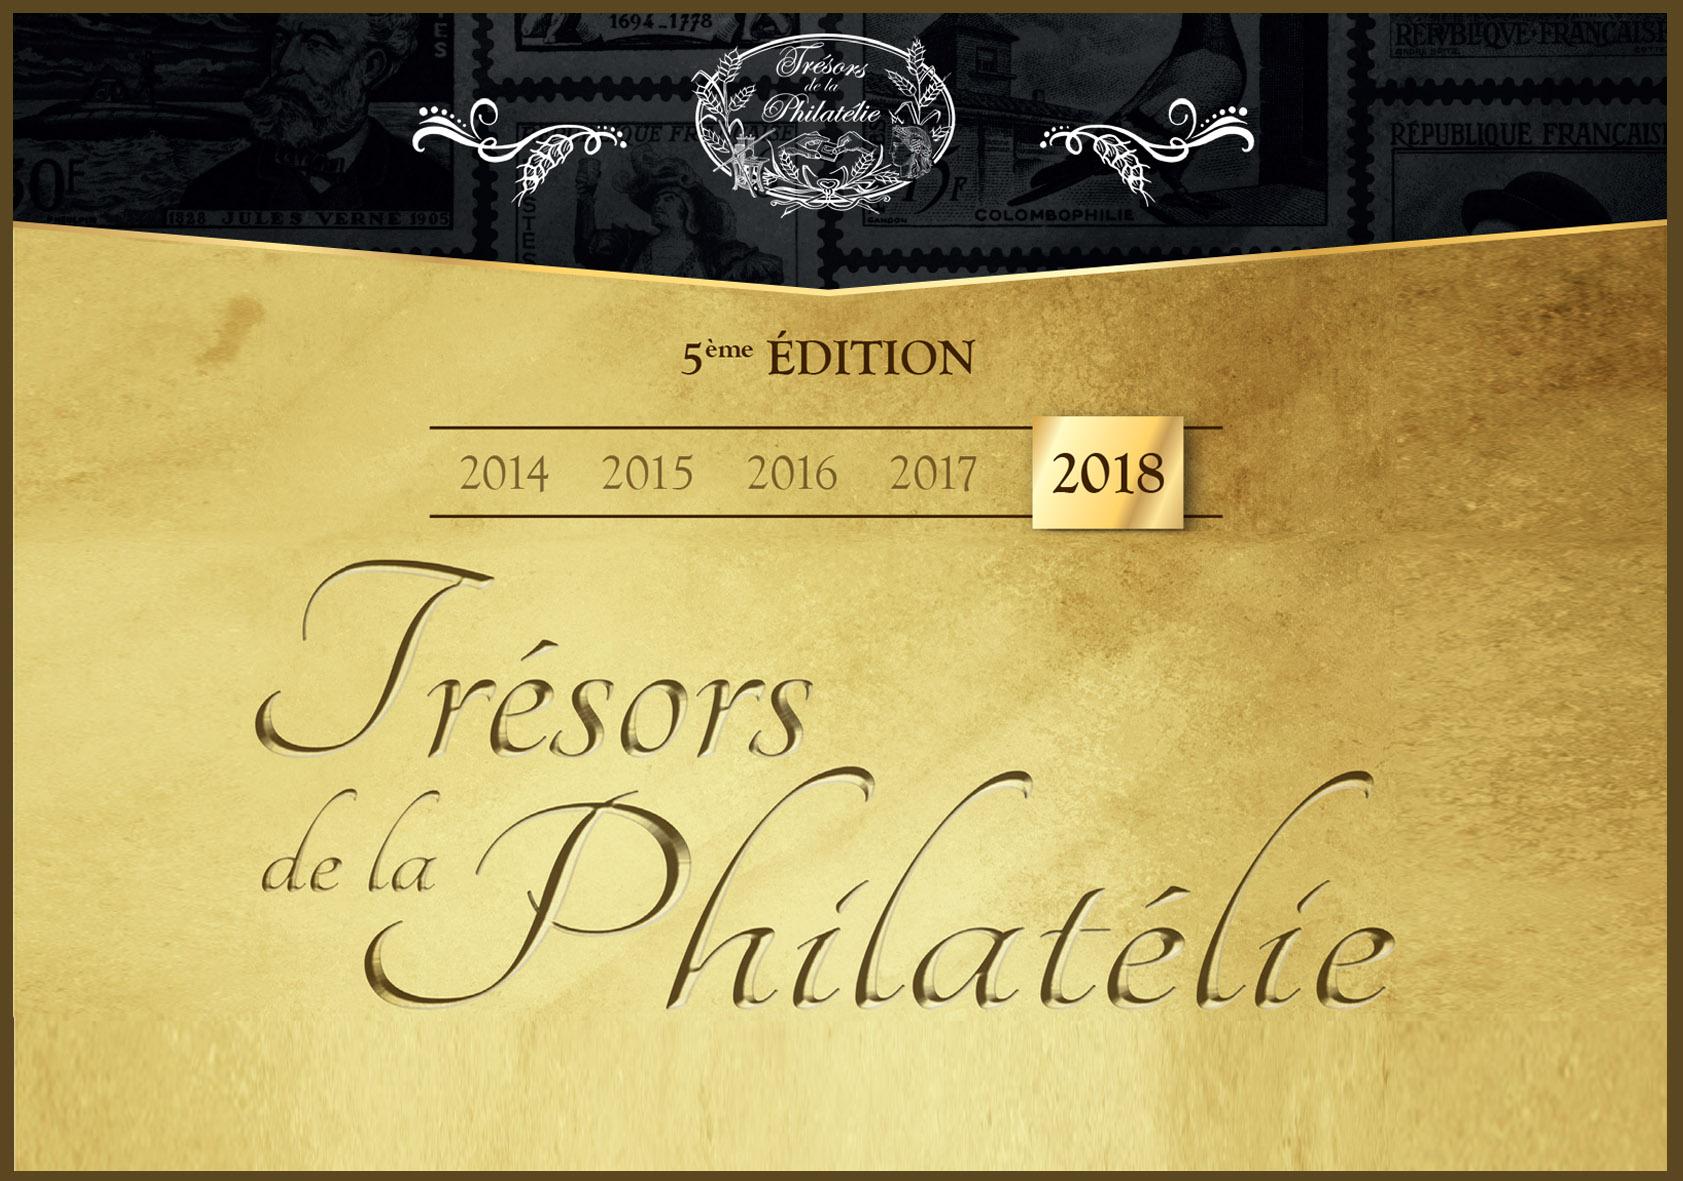 Trésors de la Philatélie 2018.